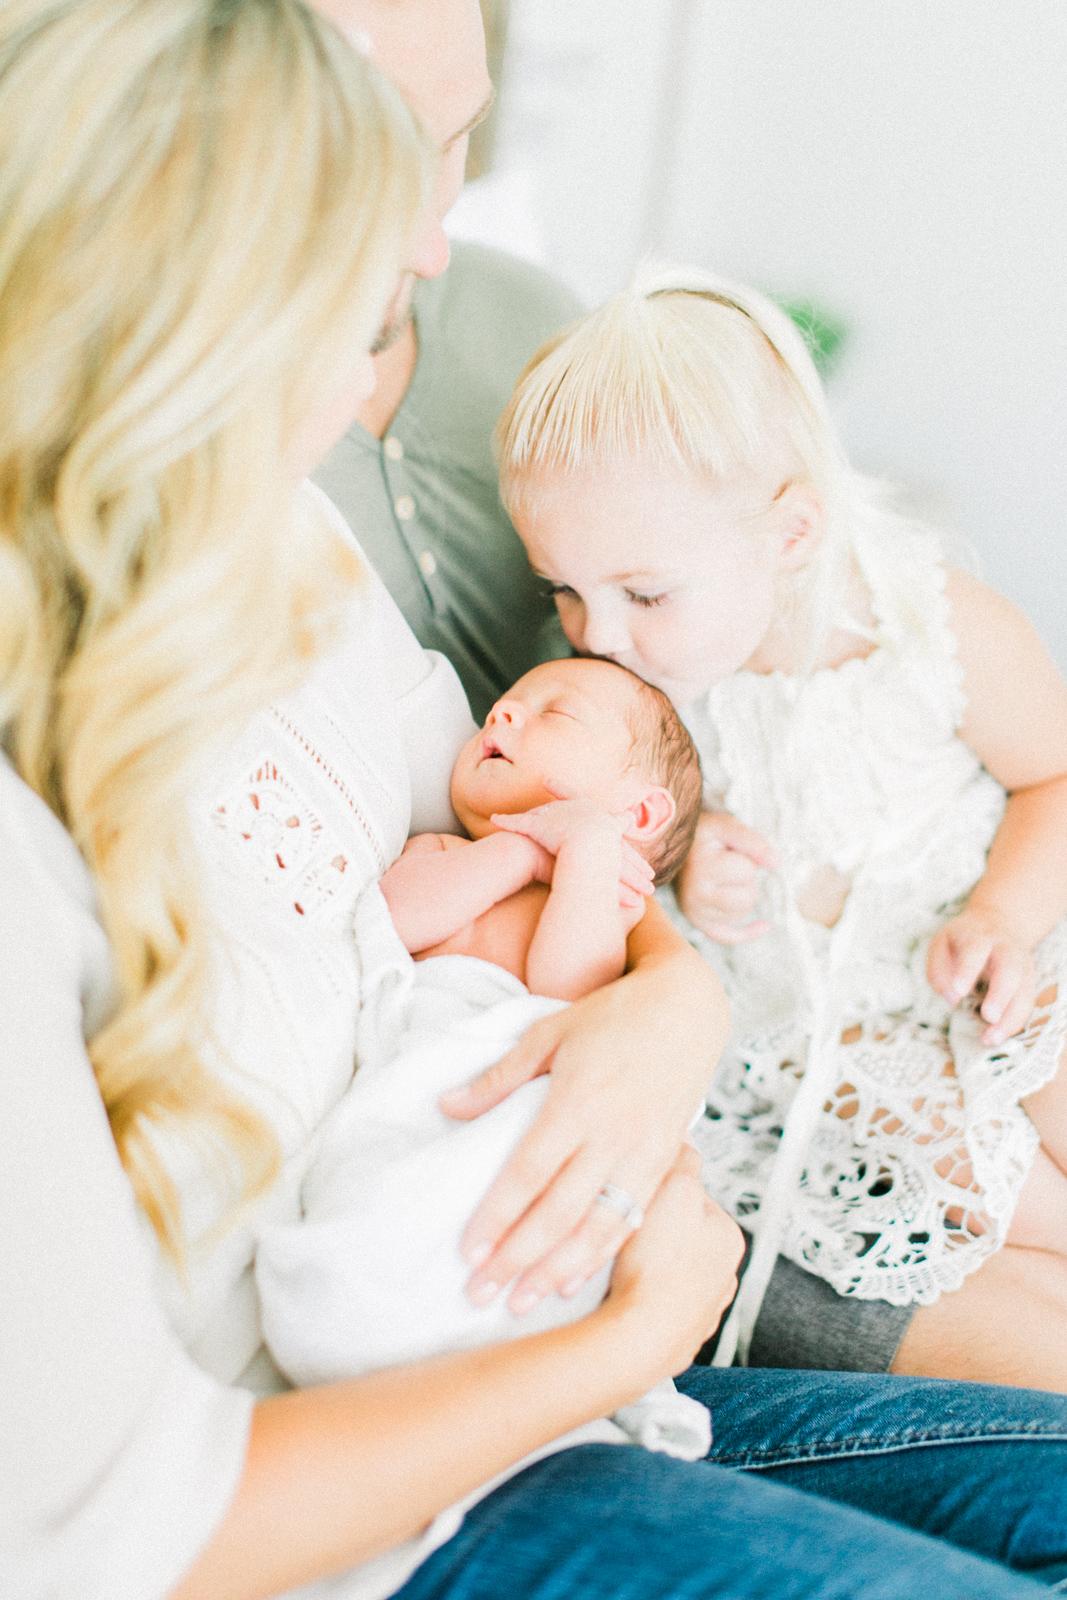 boise-newborn-photographer-14.jpg